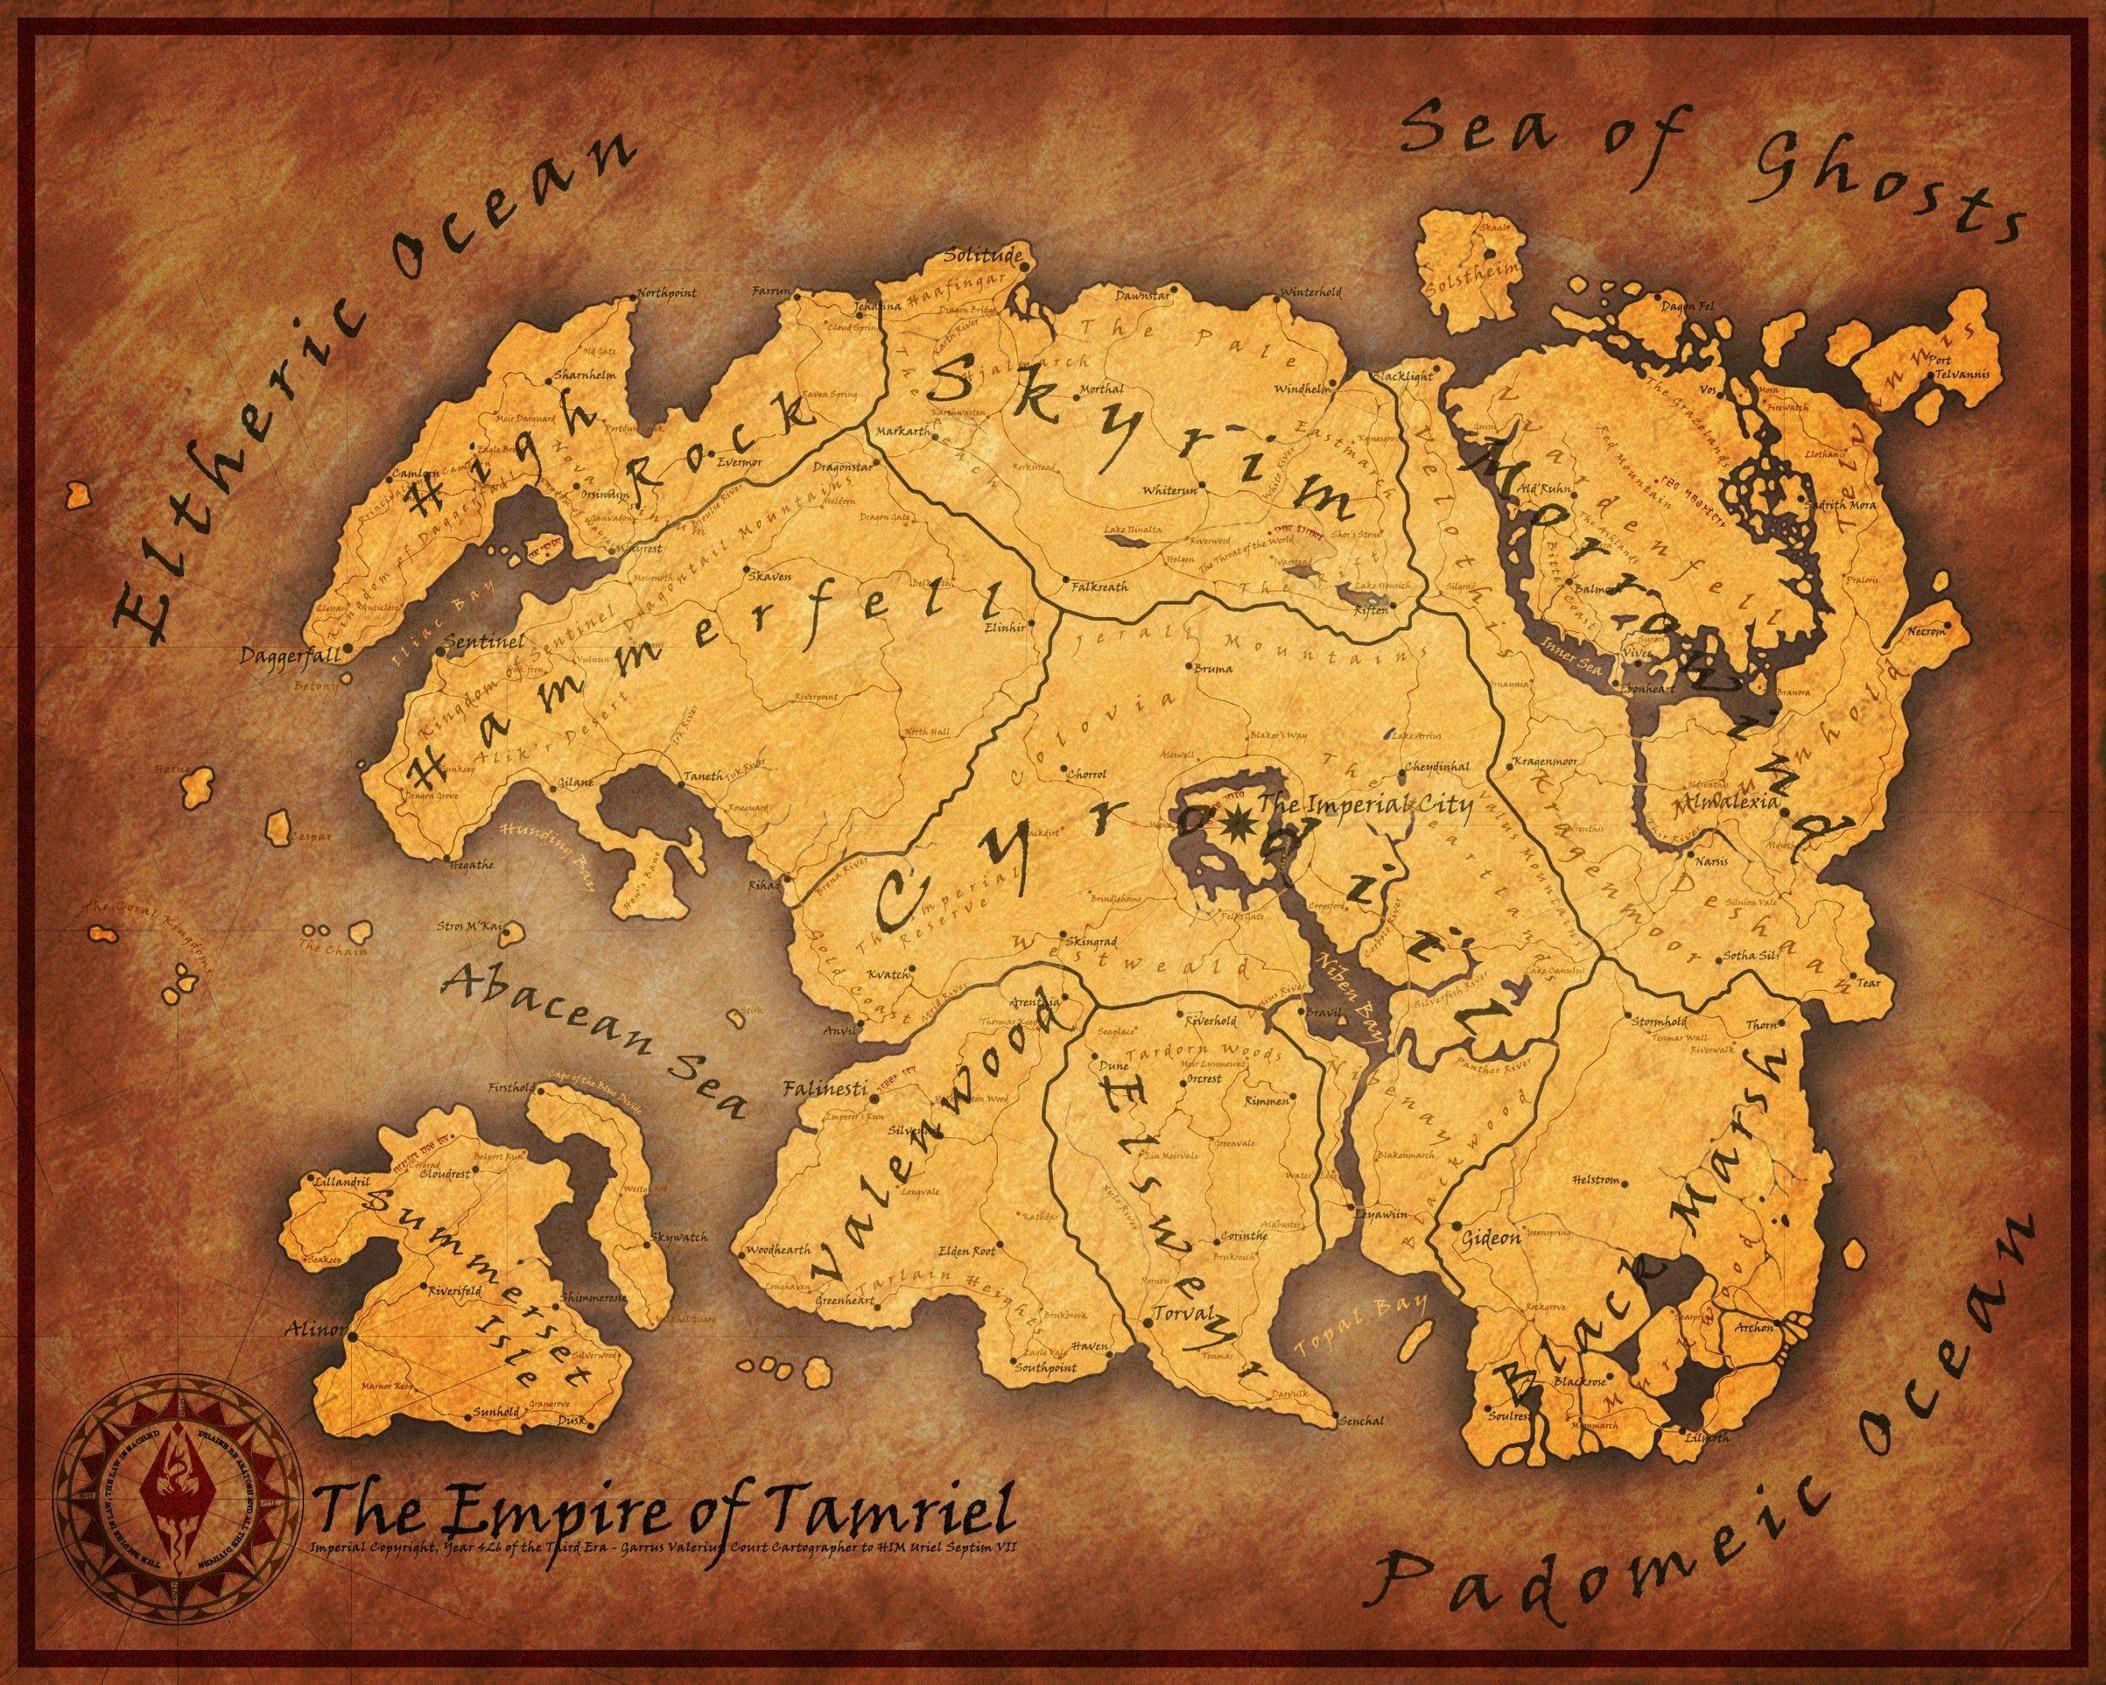 Tamriel Map Wallpaper 55 images 2106x1685